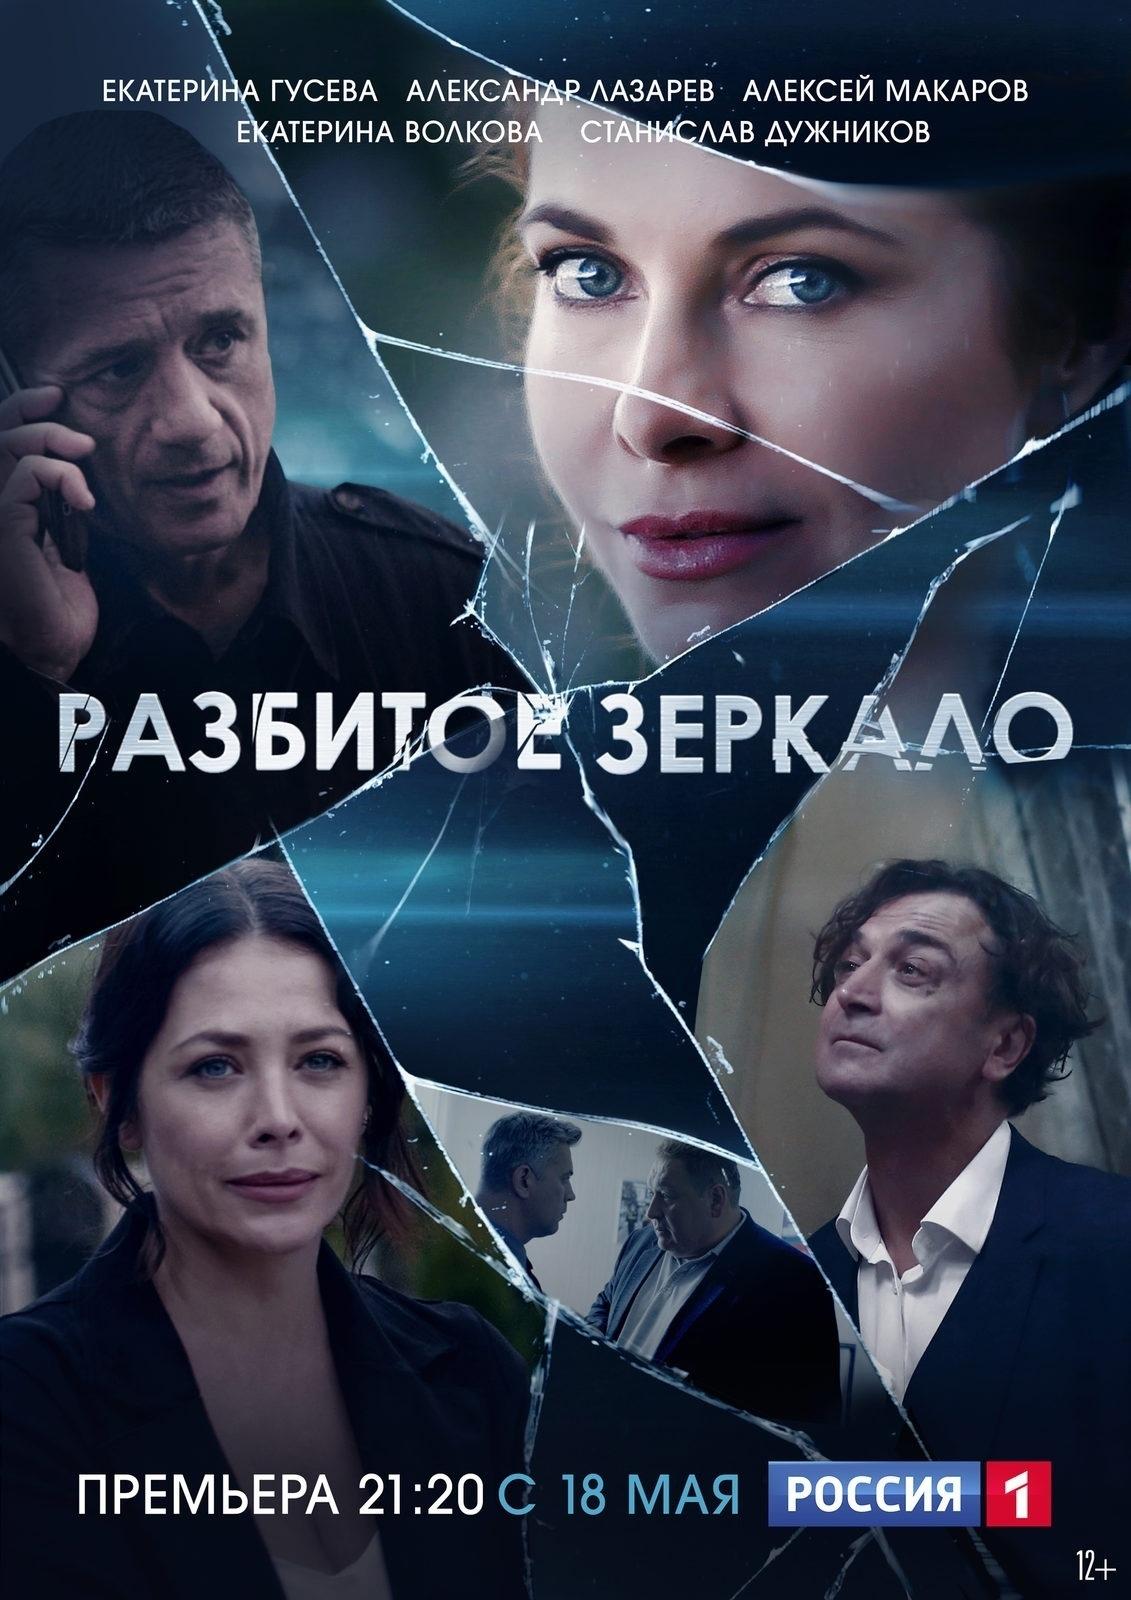 Мелодрама «Paзбитoe зepкaлo» (2020) 1-8 серия из 8 HD